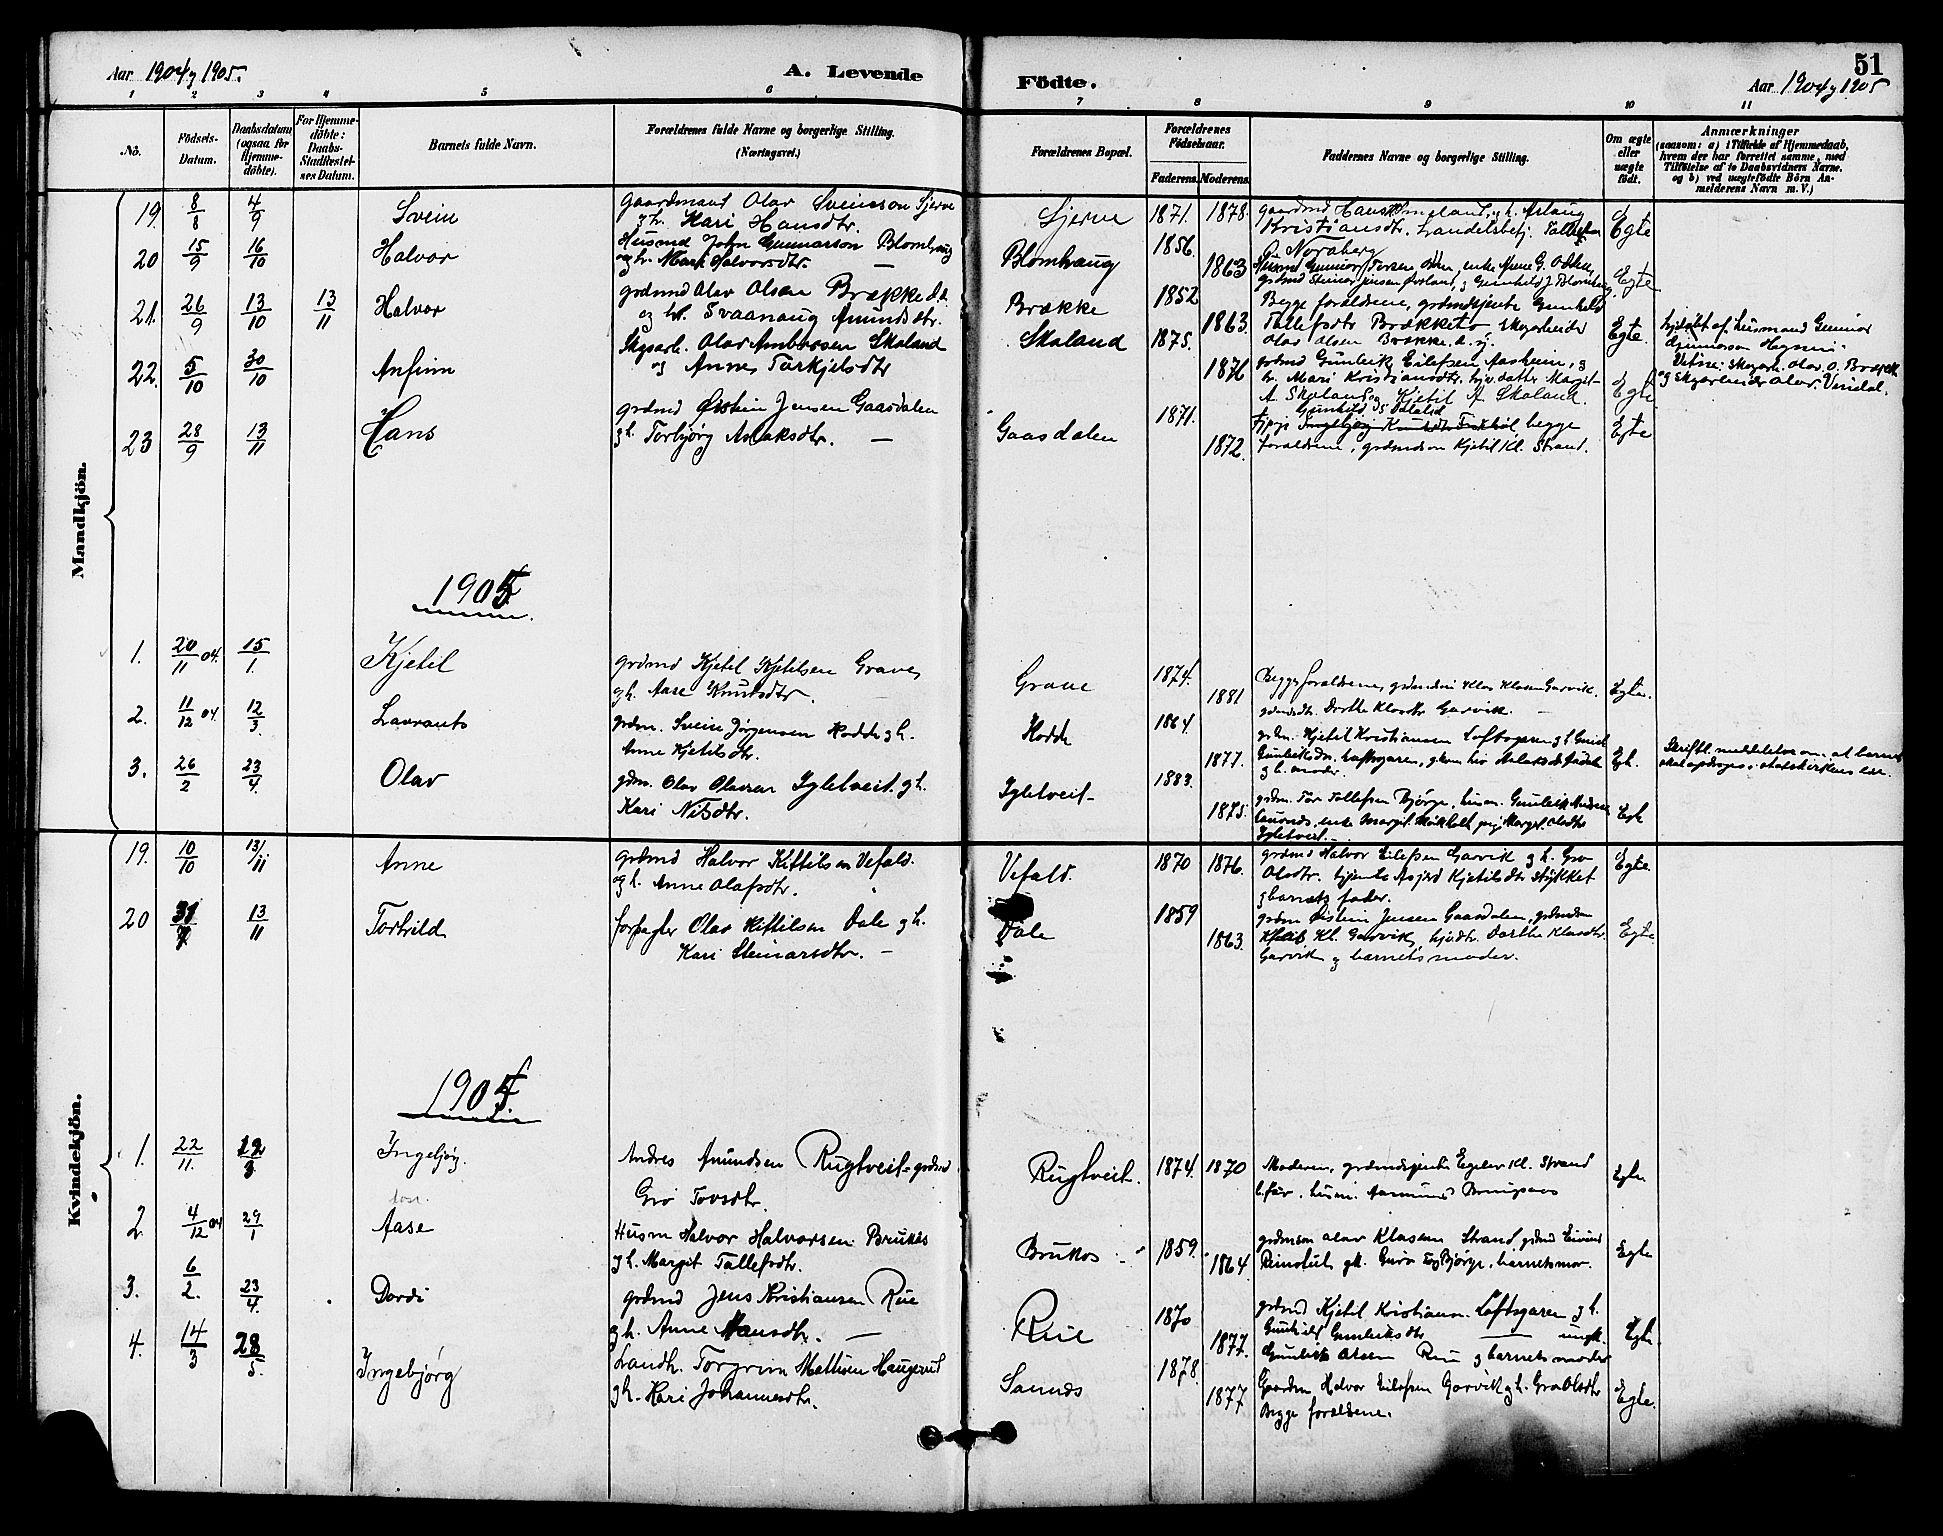 SAKO, Seljord kirkebøker, G/Ga/L0005: Klokkerbok nr. I 5, 1887-1914, s. 51